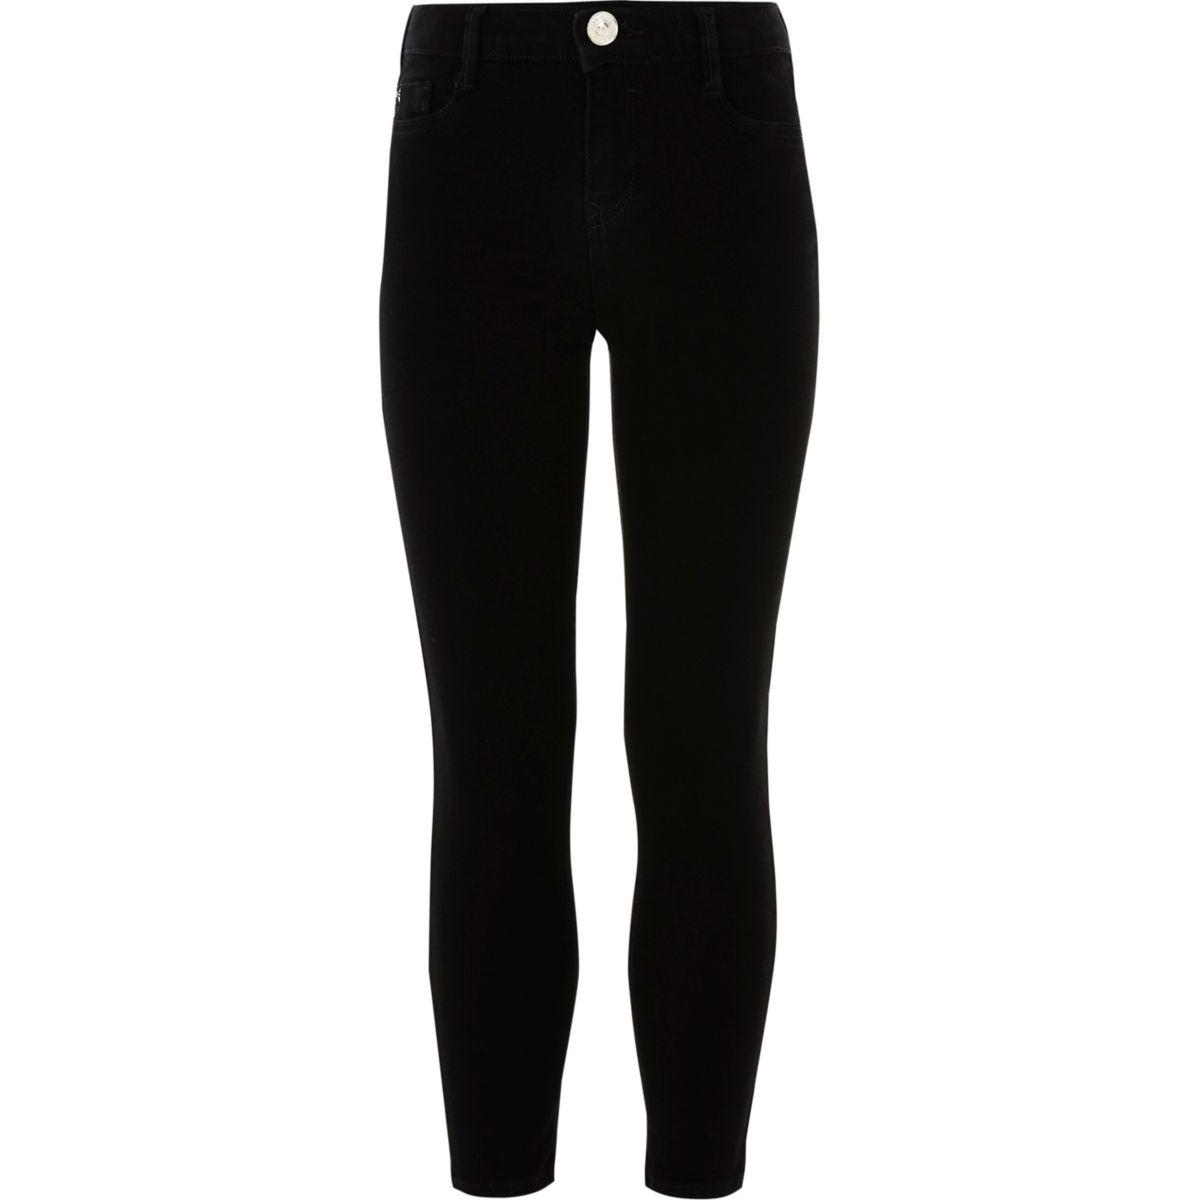 Alannah – Schwarze, legere Skinny Jeans